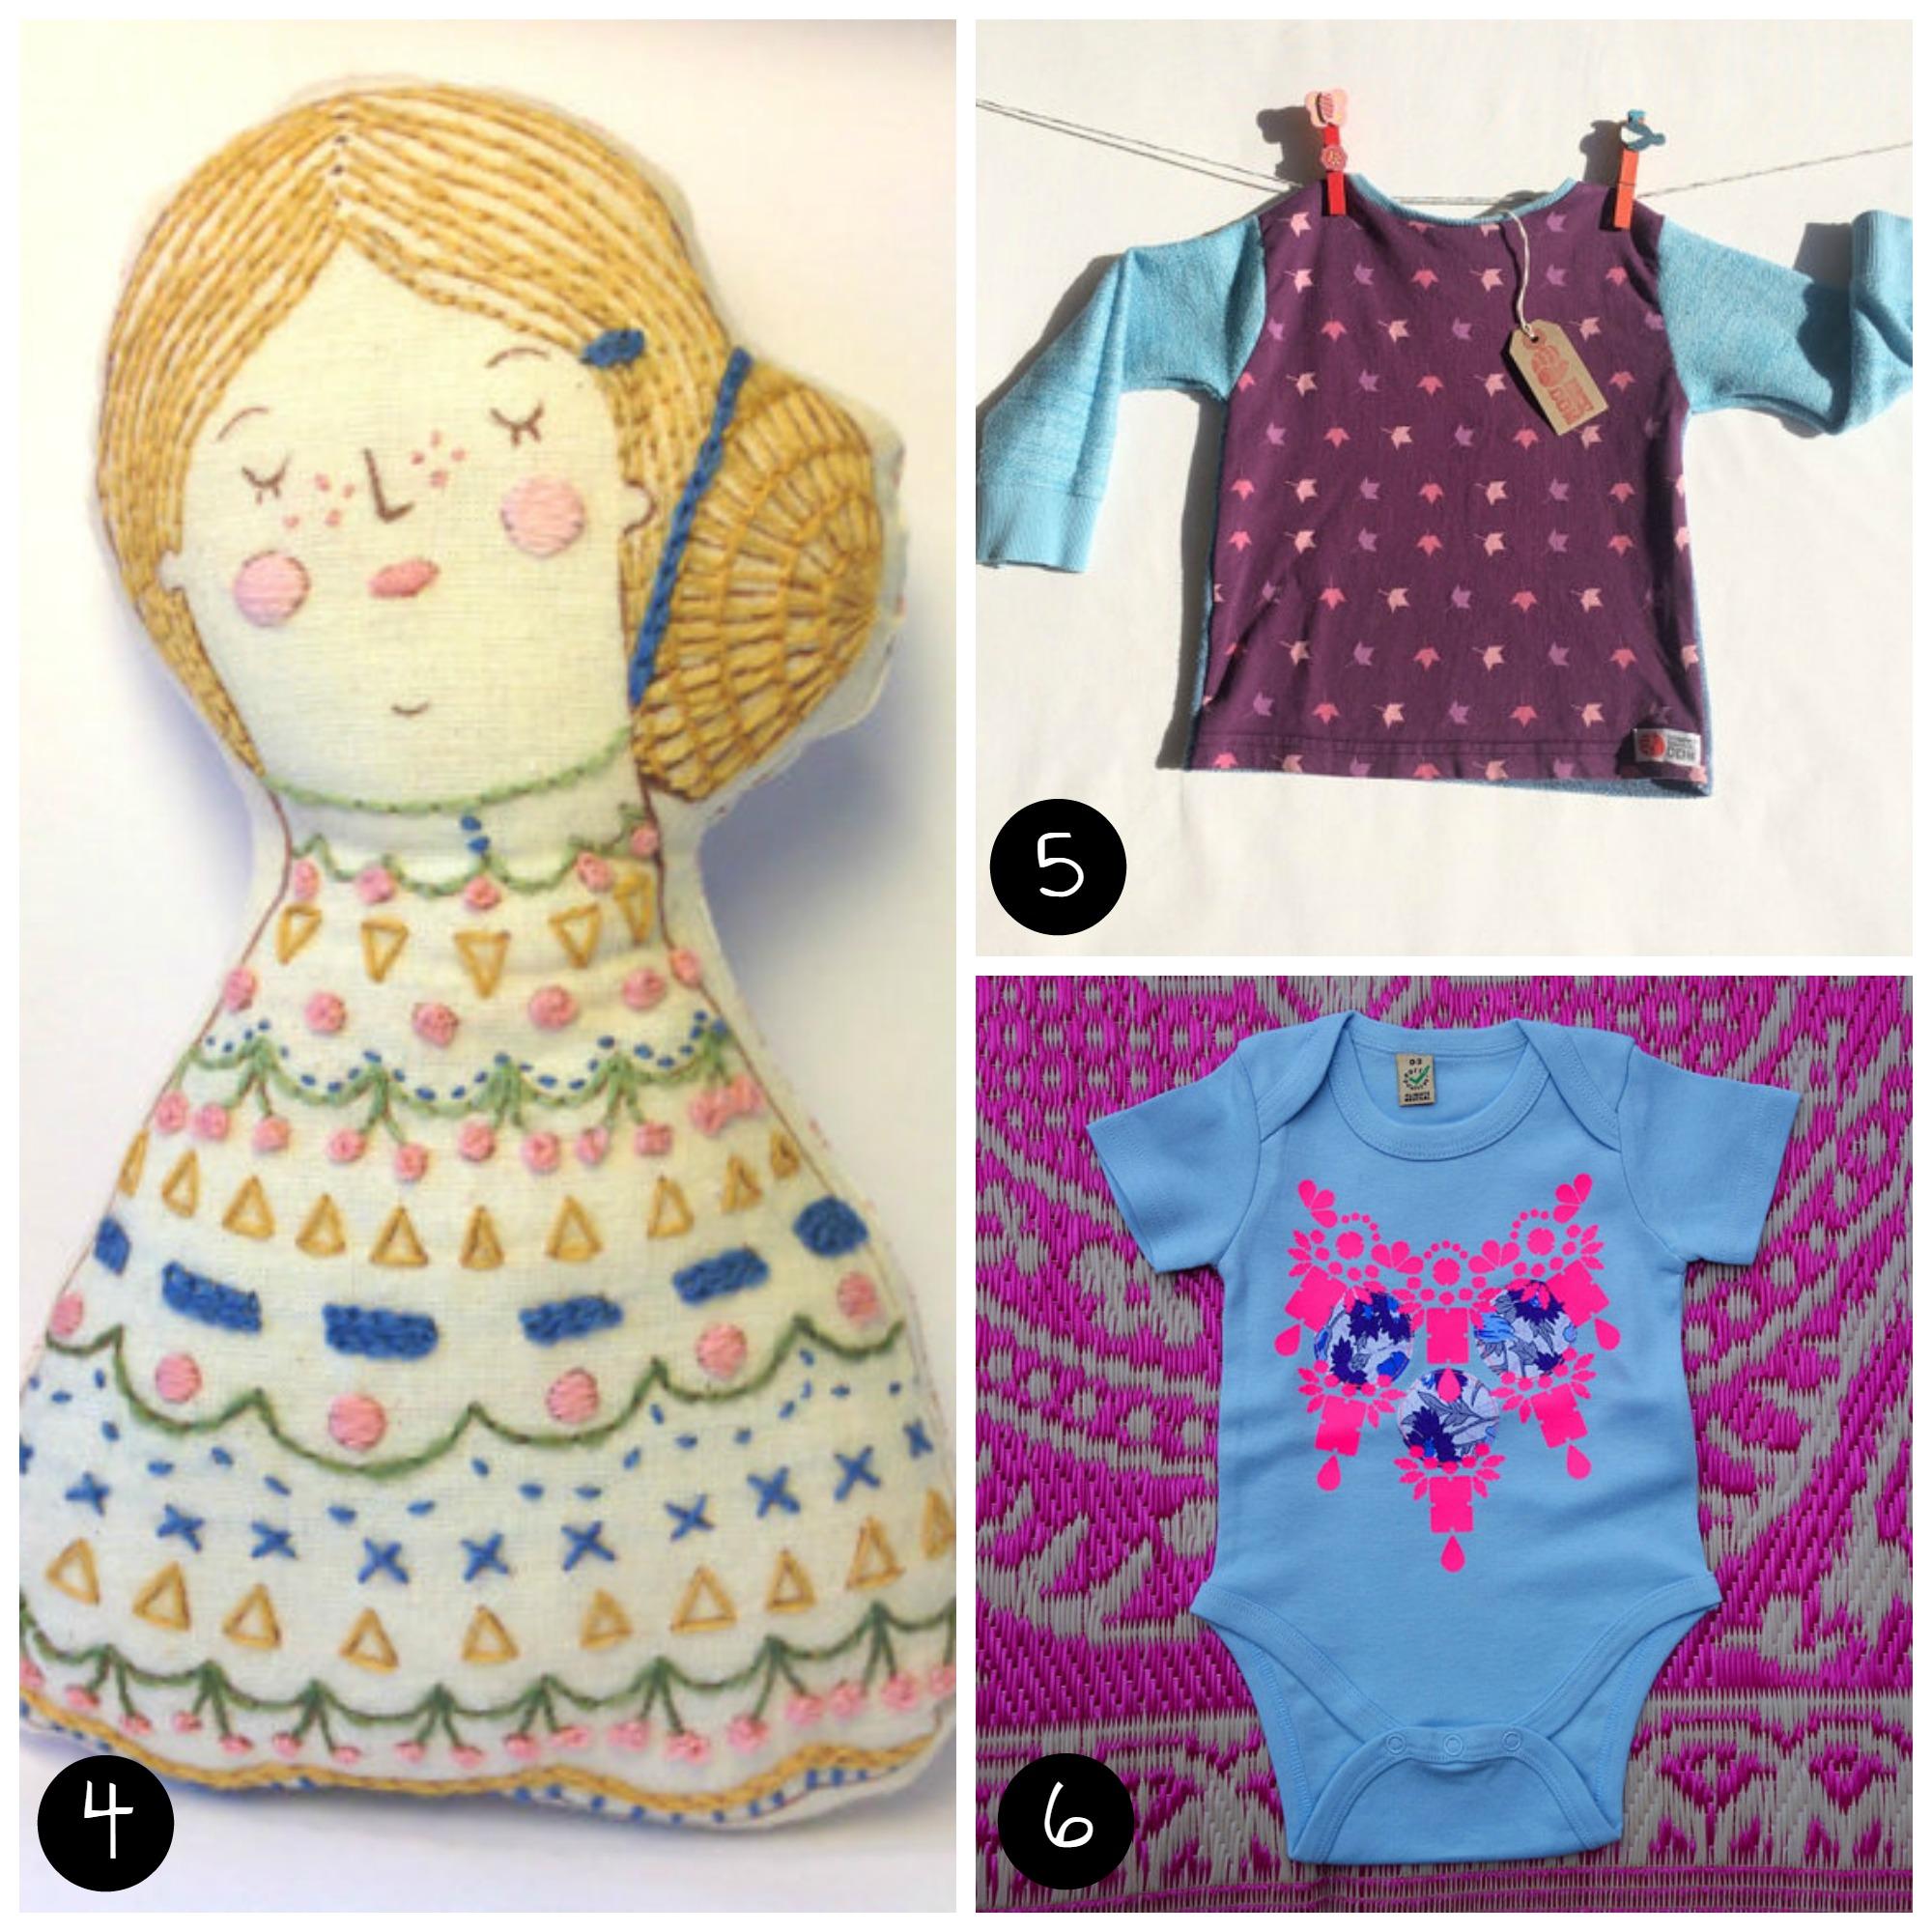 4. Louise Edwards Design  (Peckham - Sun 12 April), 5. Stripey Squirrel  (Peckham - Sat 11 April), 6.  dAKOTA rAE dUST    (Peckham - Sat 11 April)